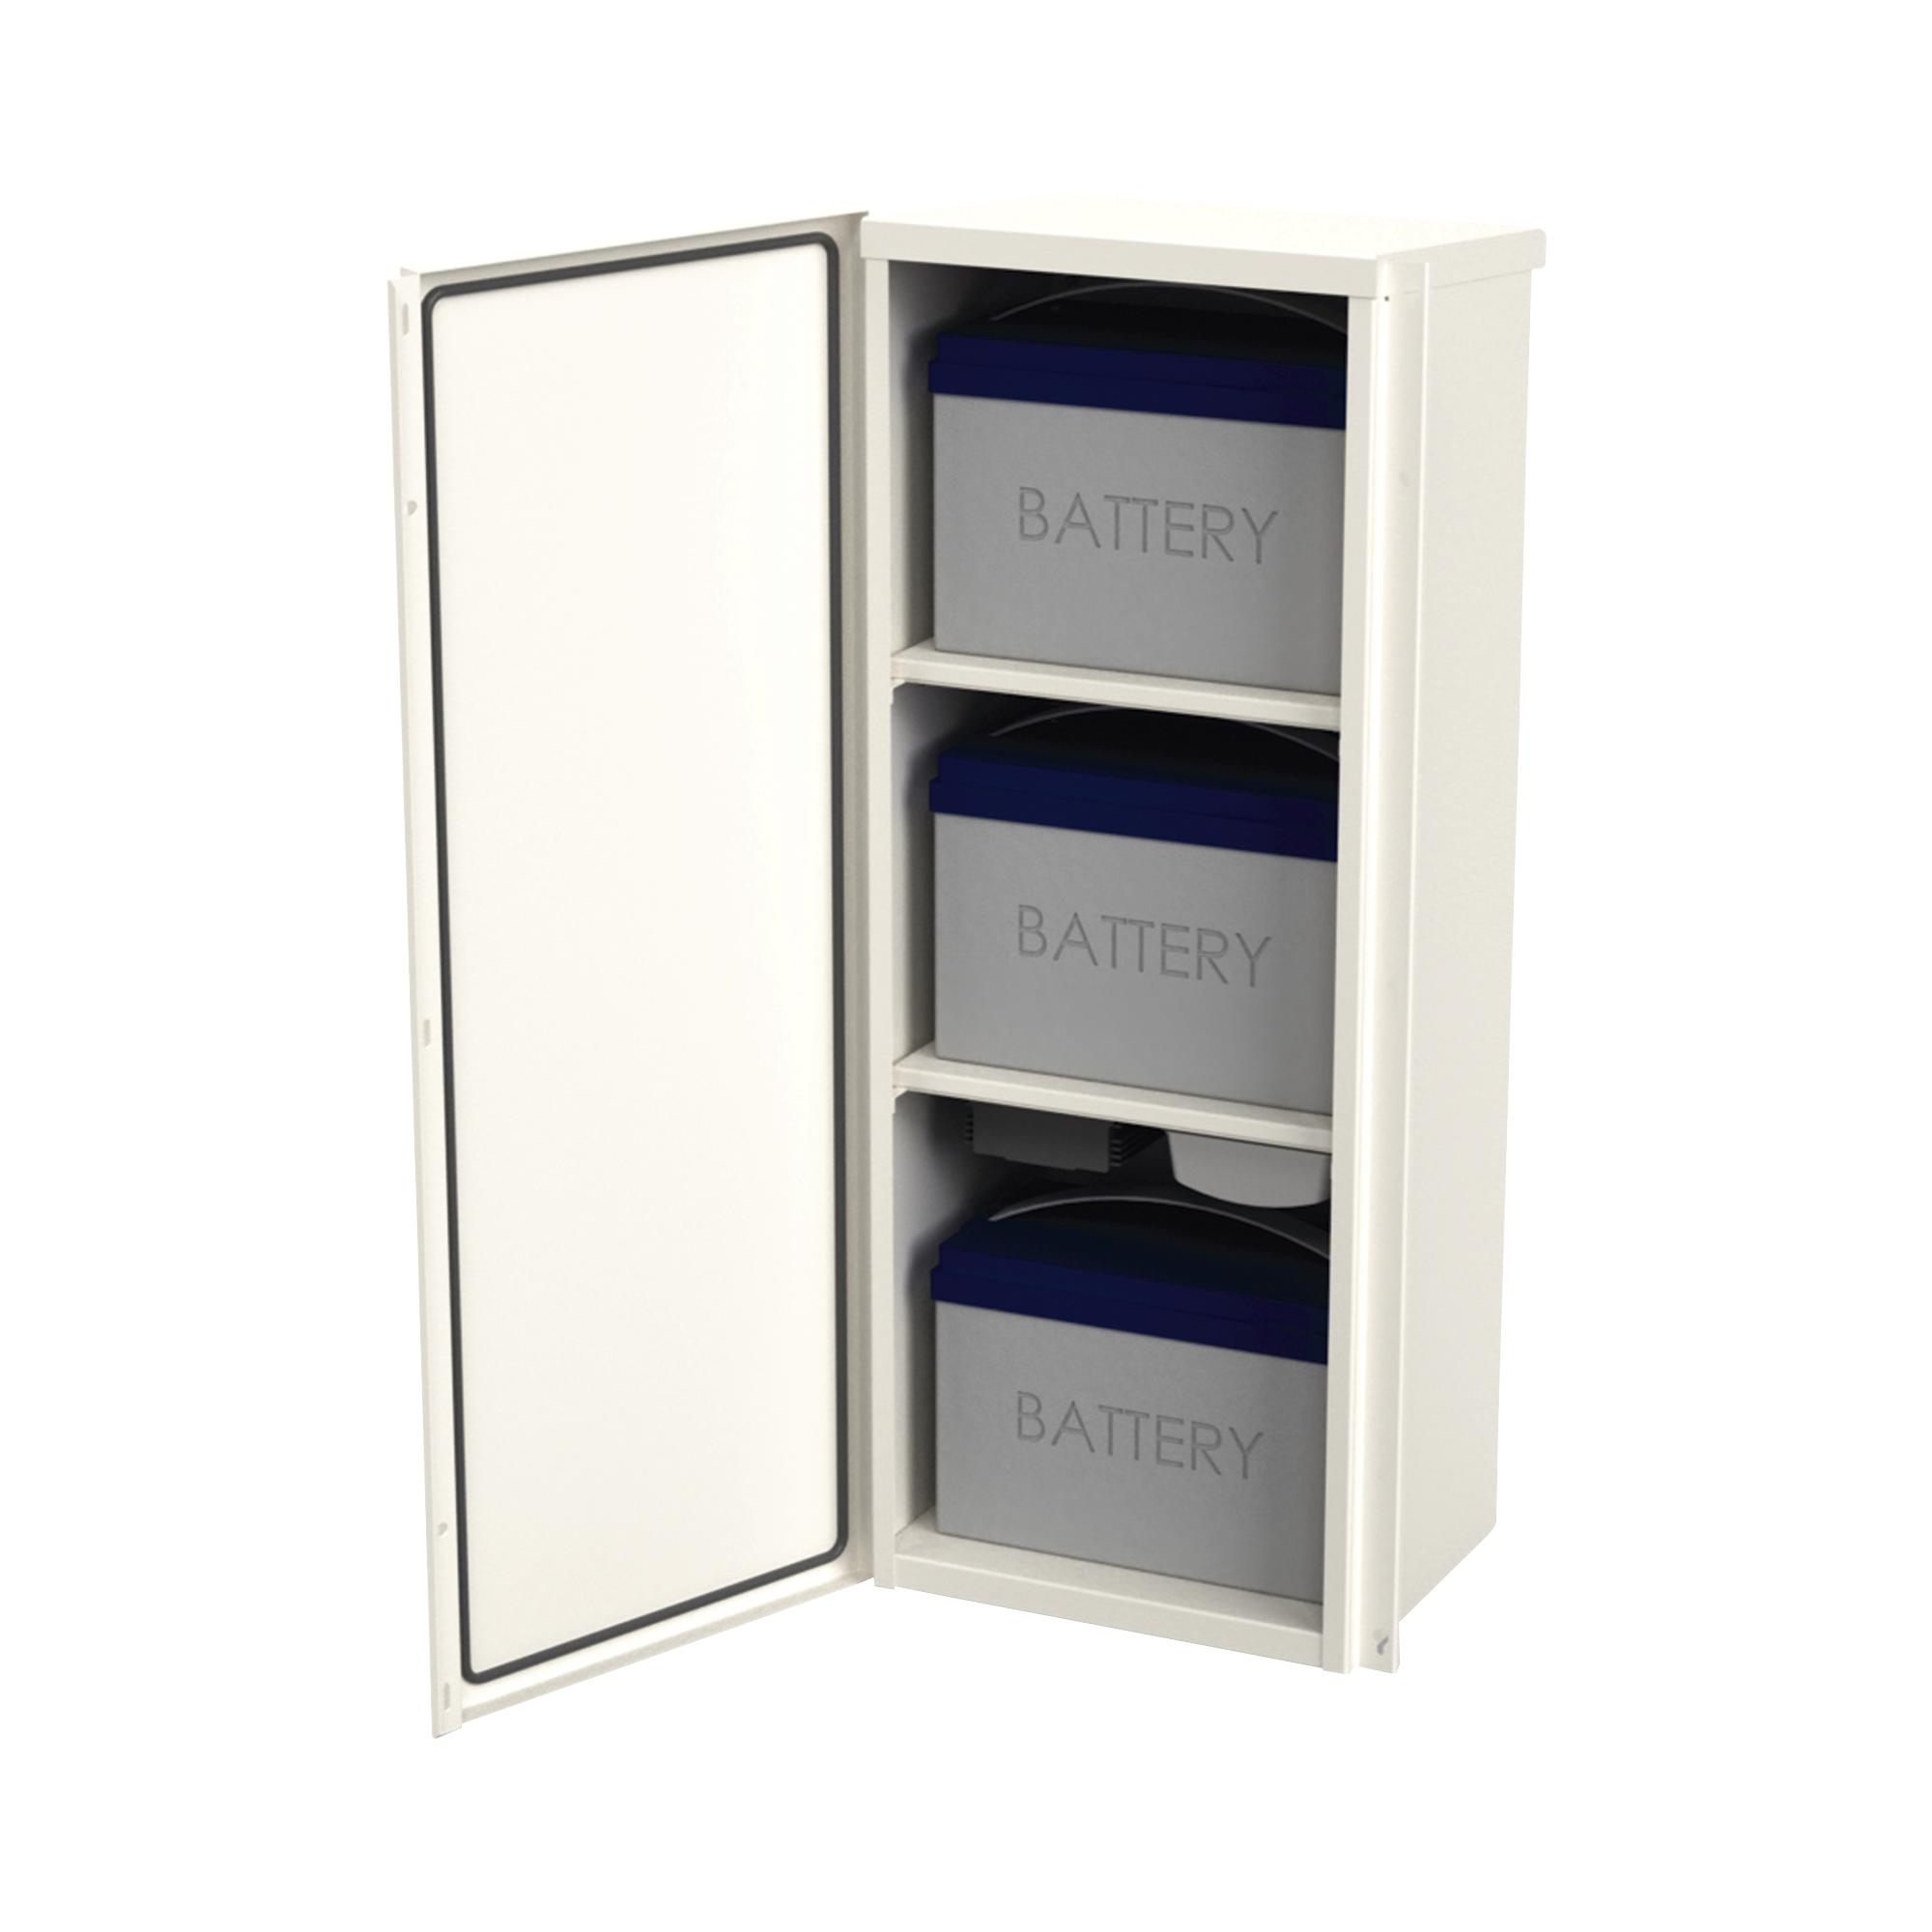 Gabinete Acero Galv. para 3 Bat. PL110D12. Puerta Sin Ventilación. Acc. de piso o poste No incluidos (400 x 1060 x 300mm).